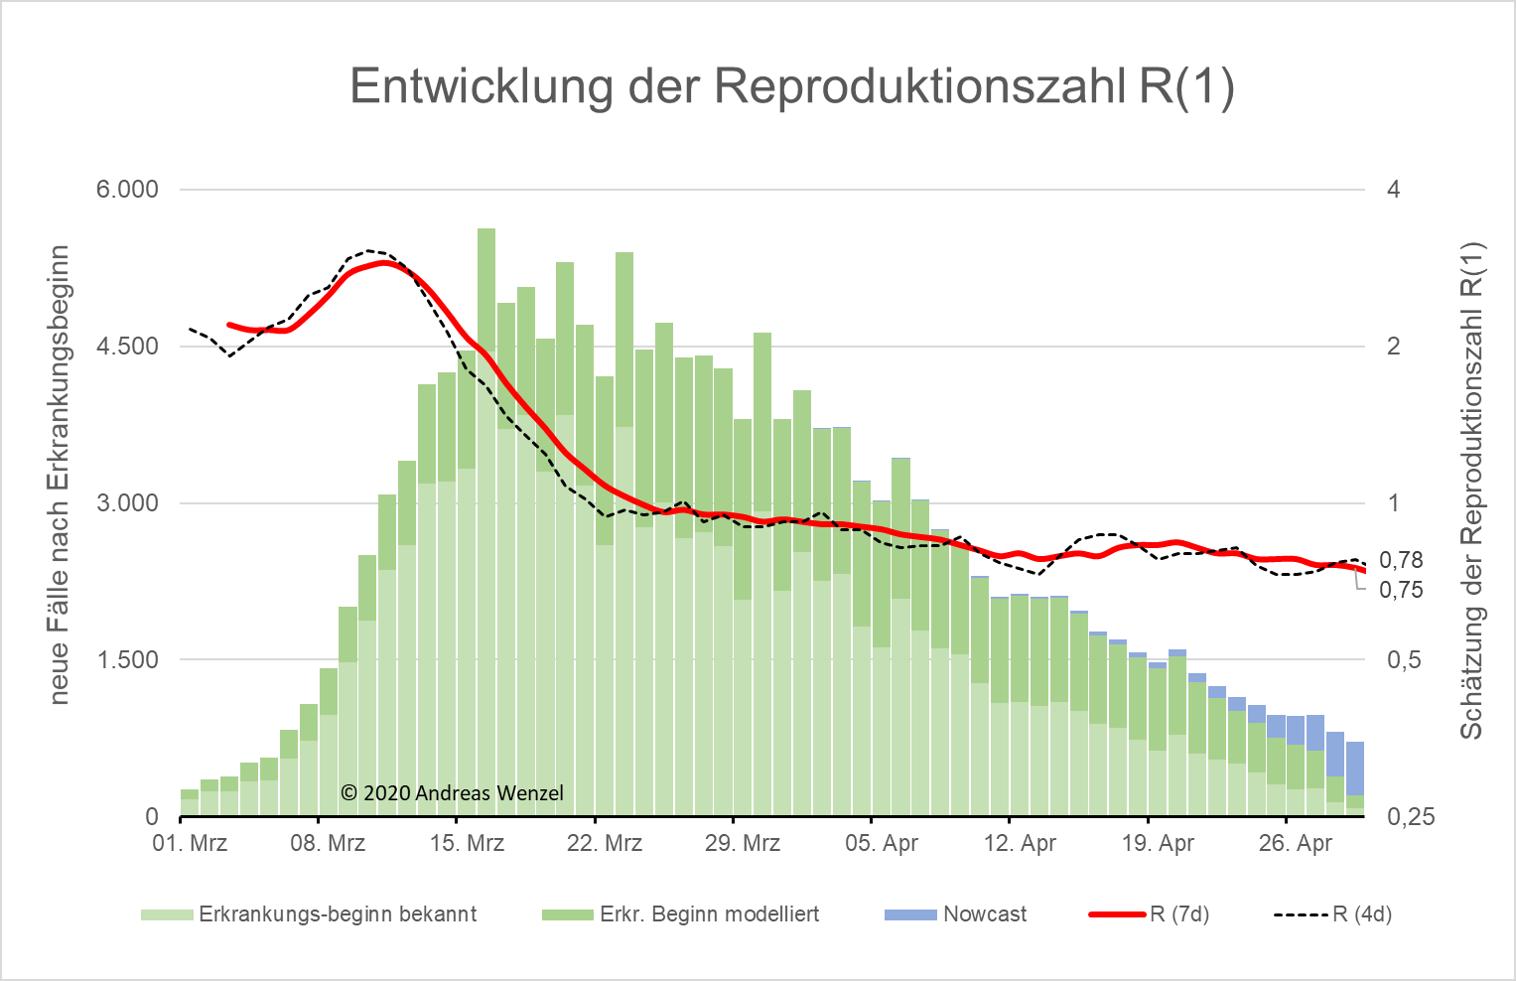 Reproduktionszahl Deutschland